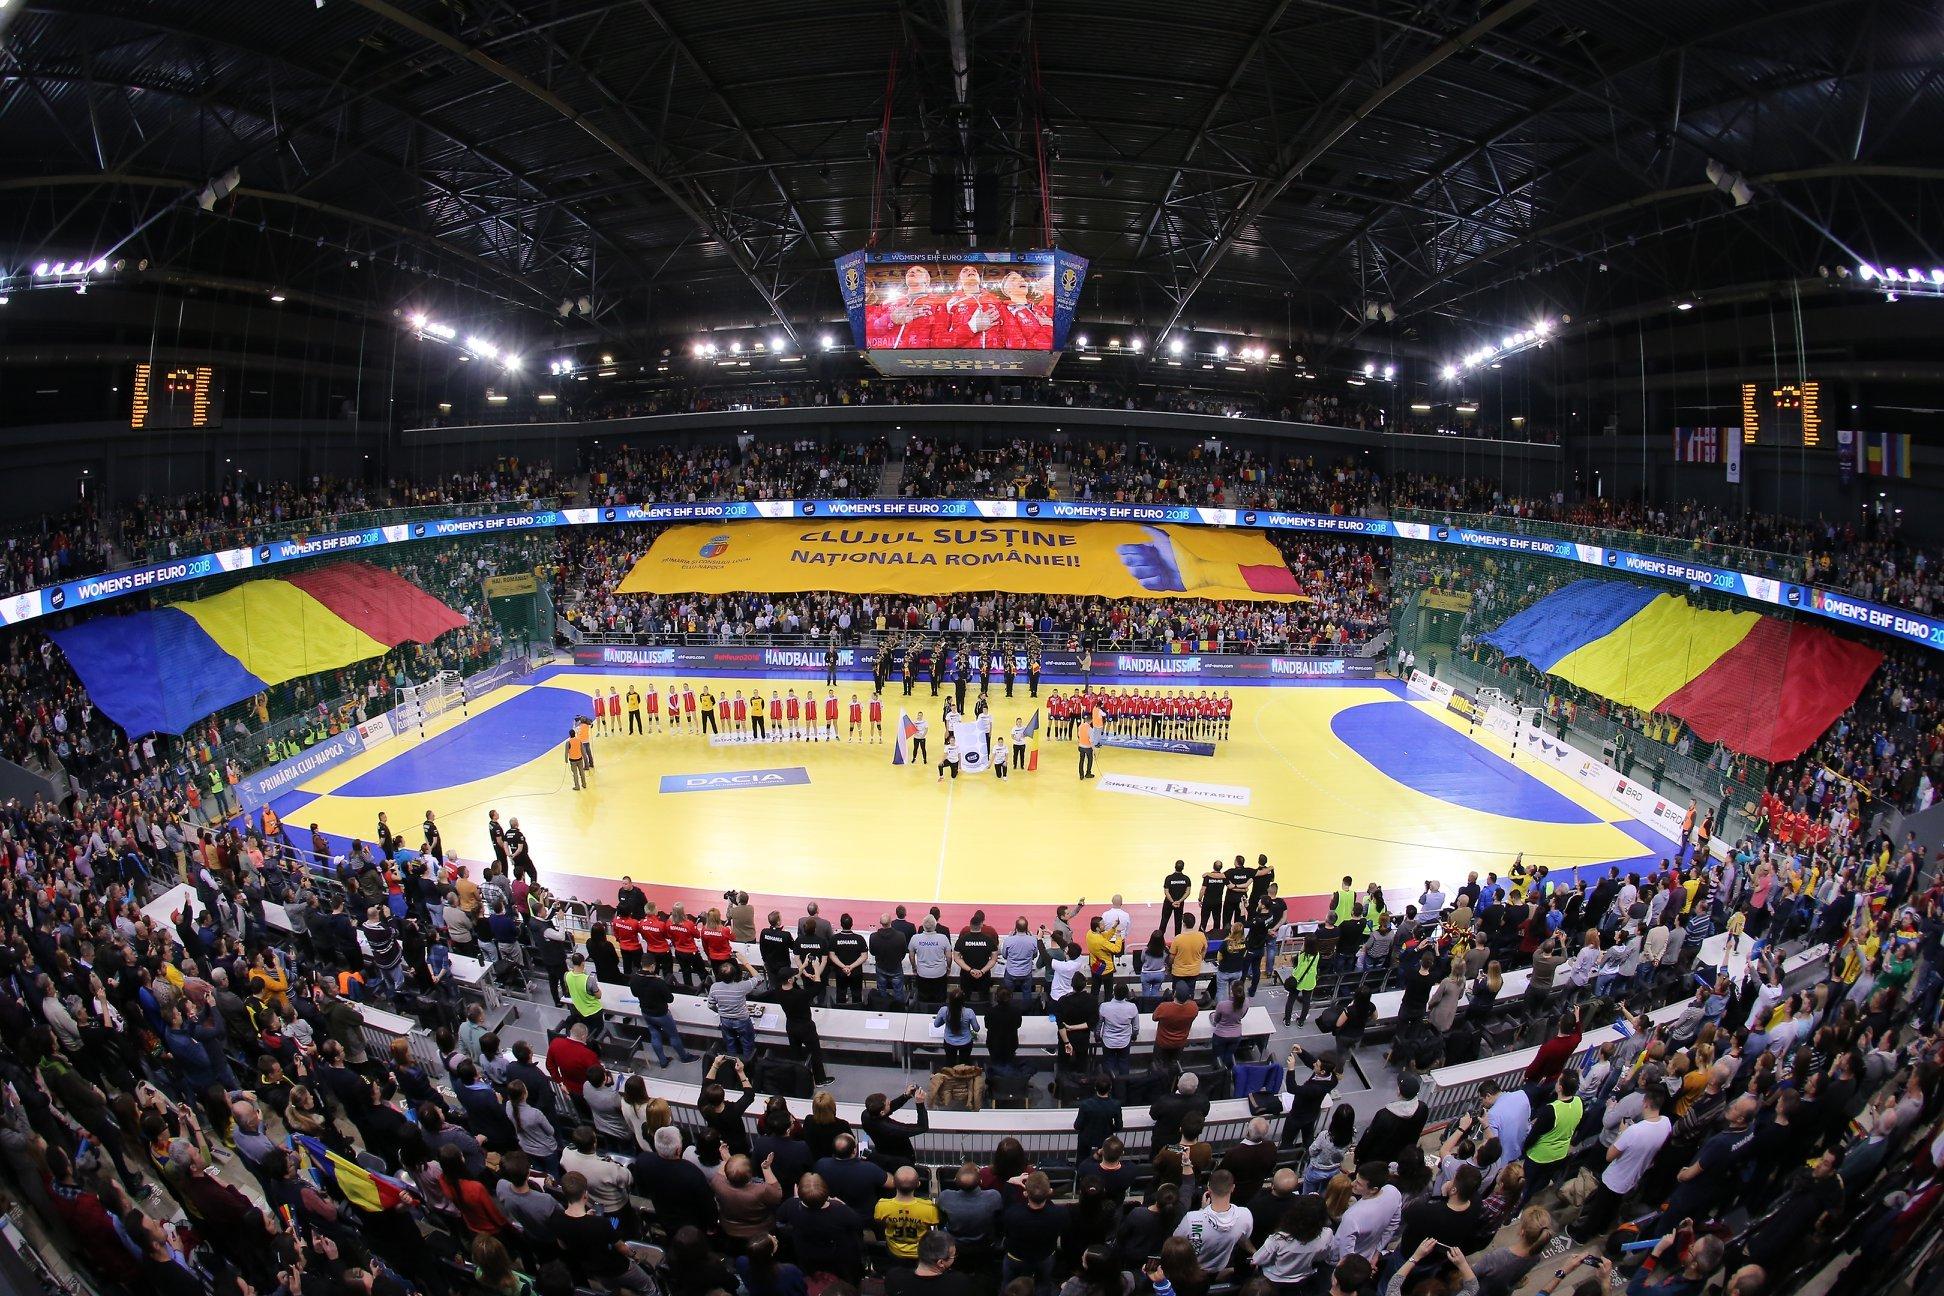 Meciuri de handball feminine online dating